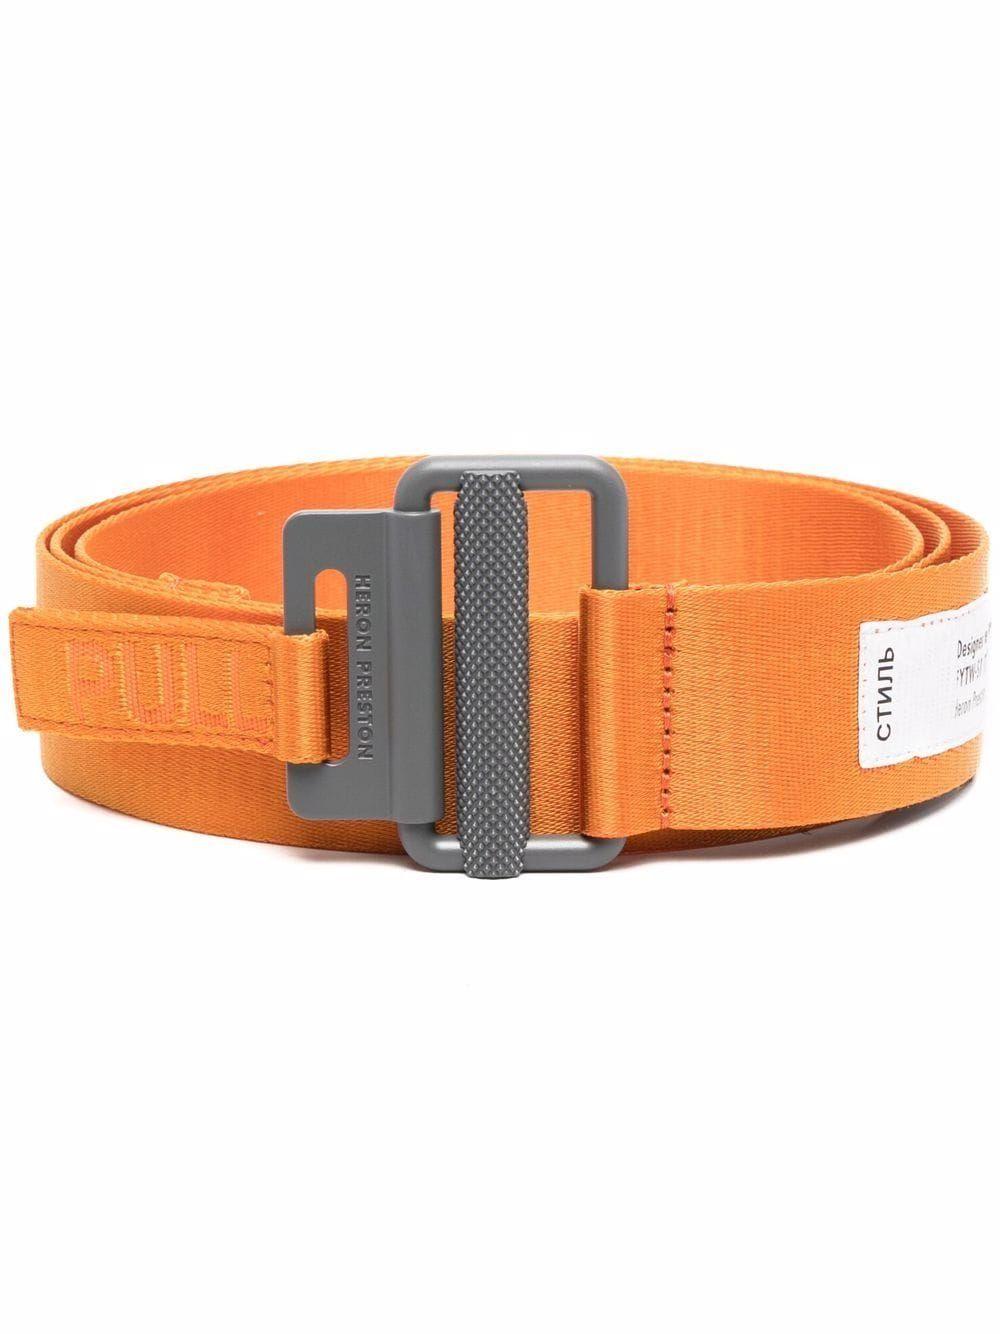 Heron preston cinture arancio